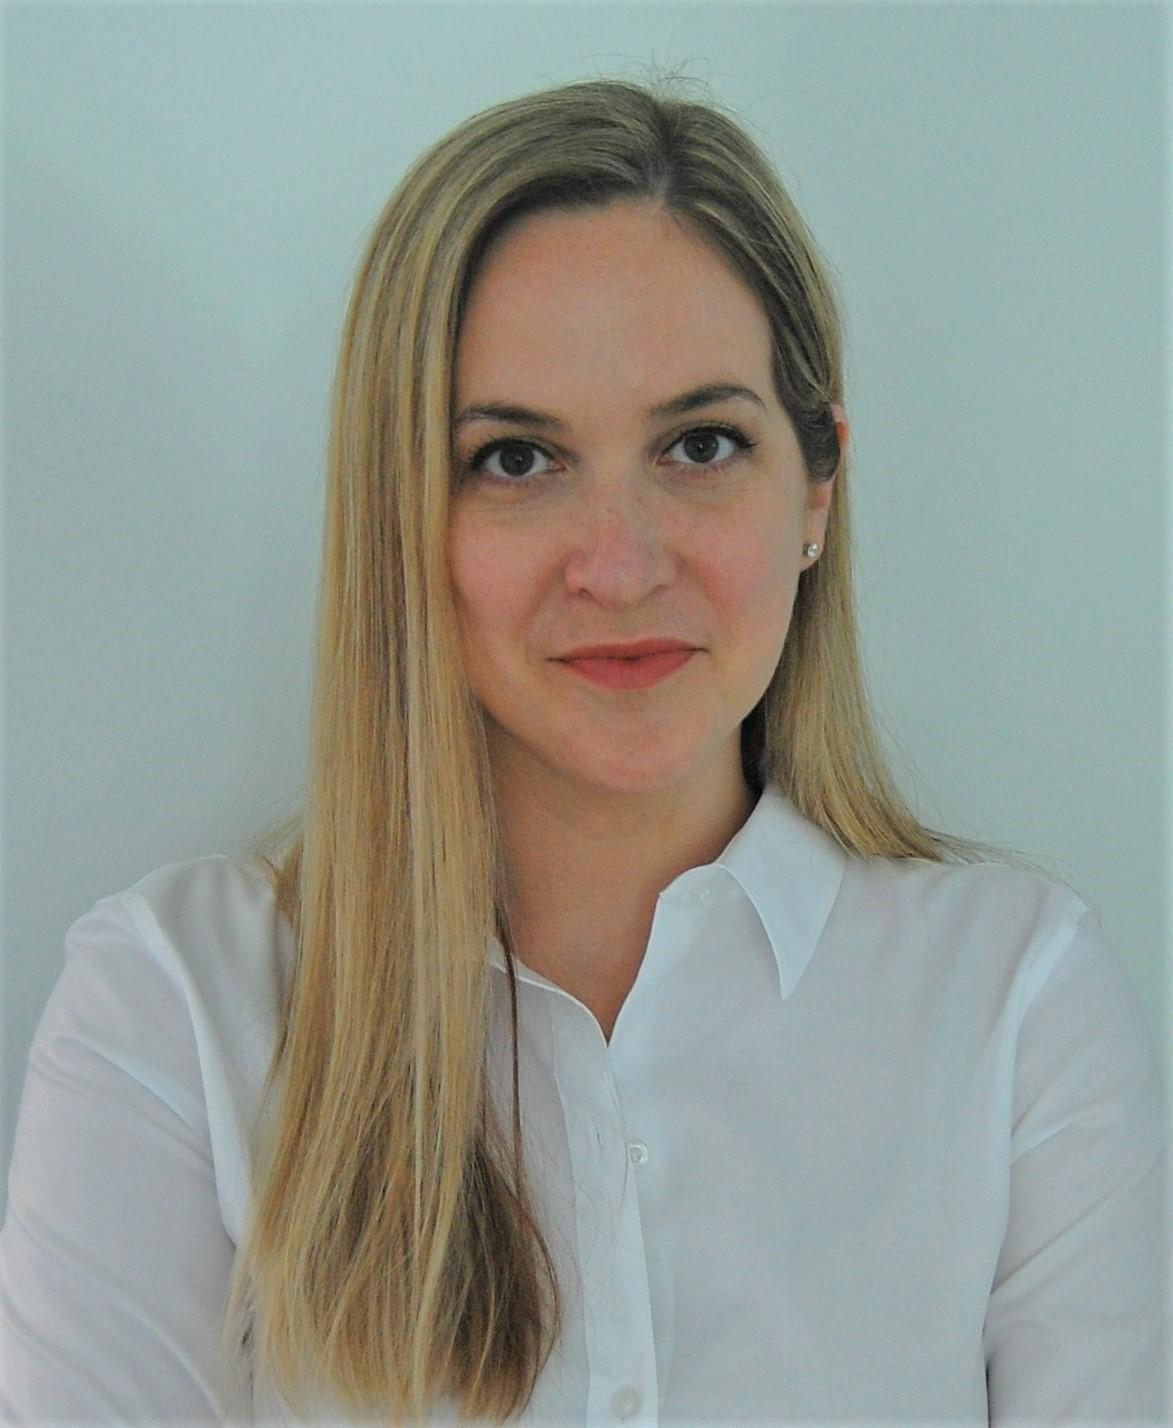 Clarissa Goffinski